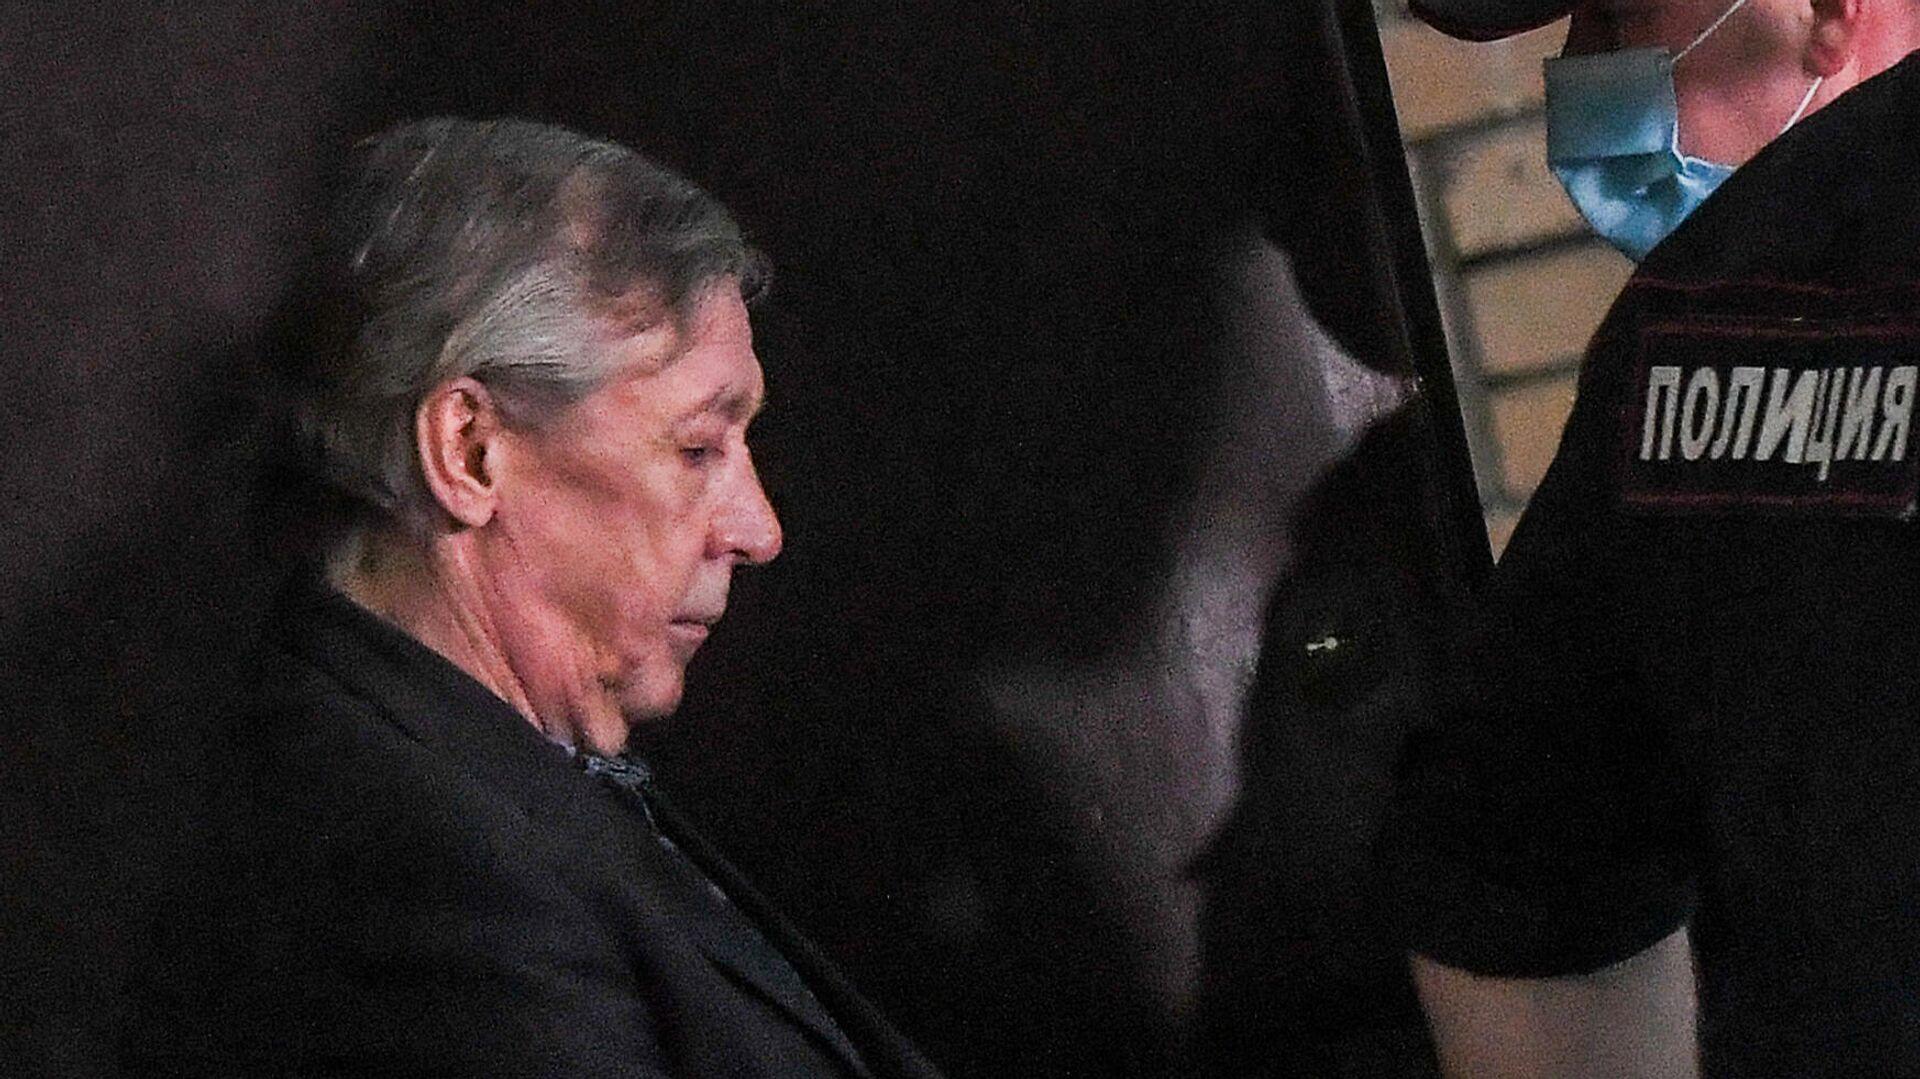 Актера Михаила Ефремова выводят из здания Пресненского суда города Москвы после оглашения приговора - РИА Новости, 1920, 16.09.2020